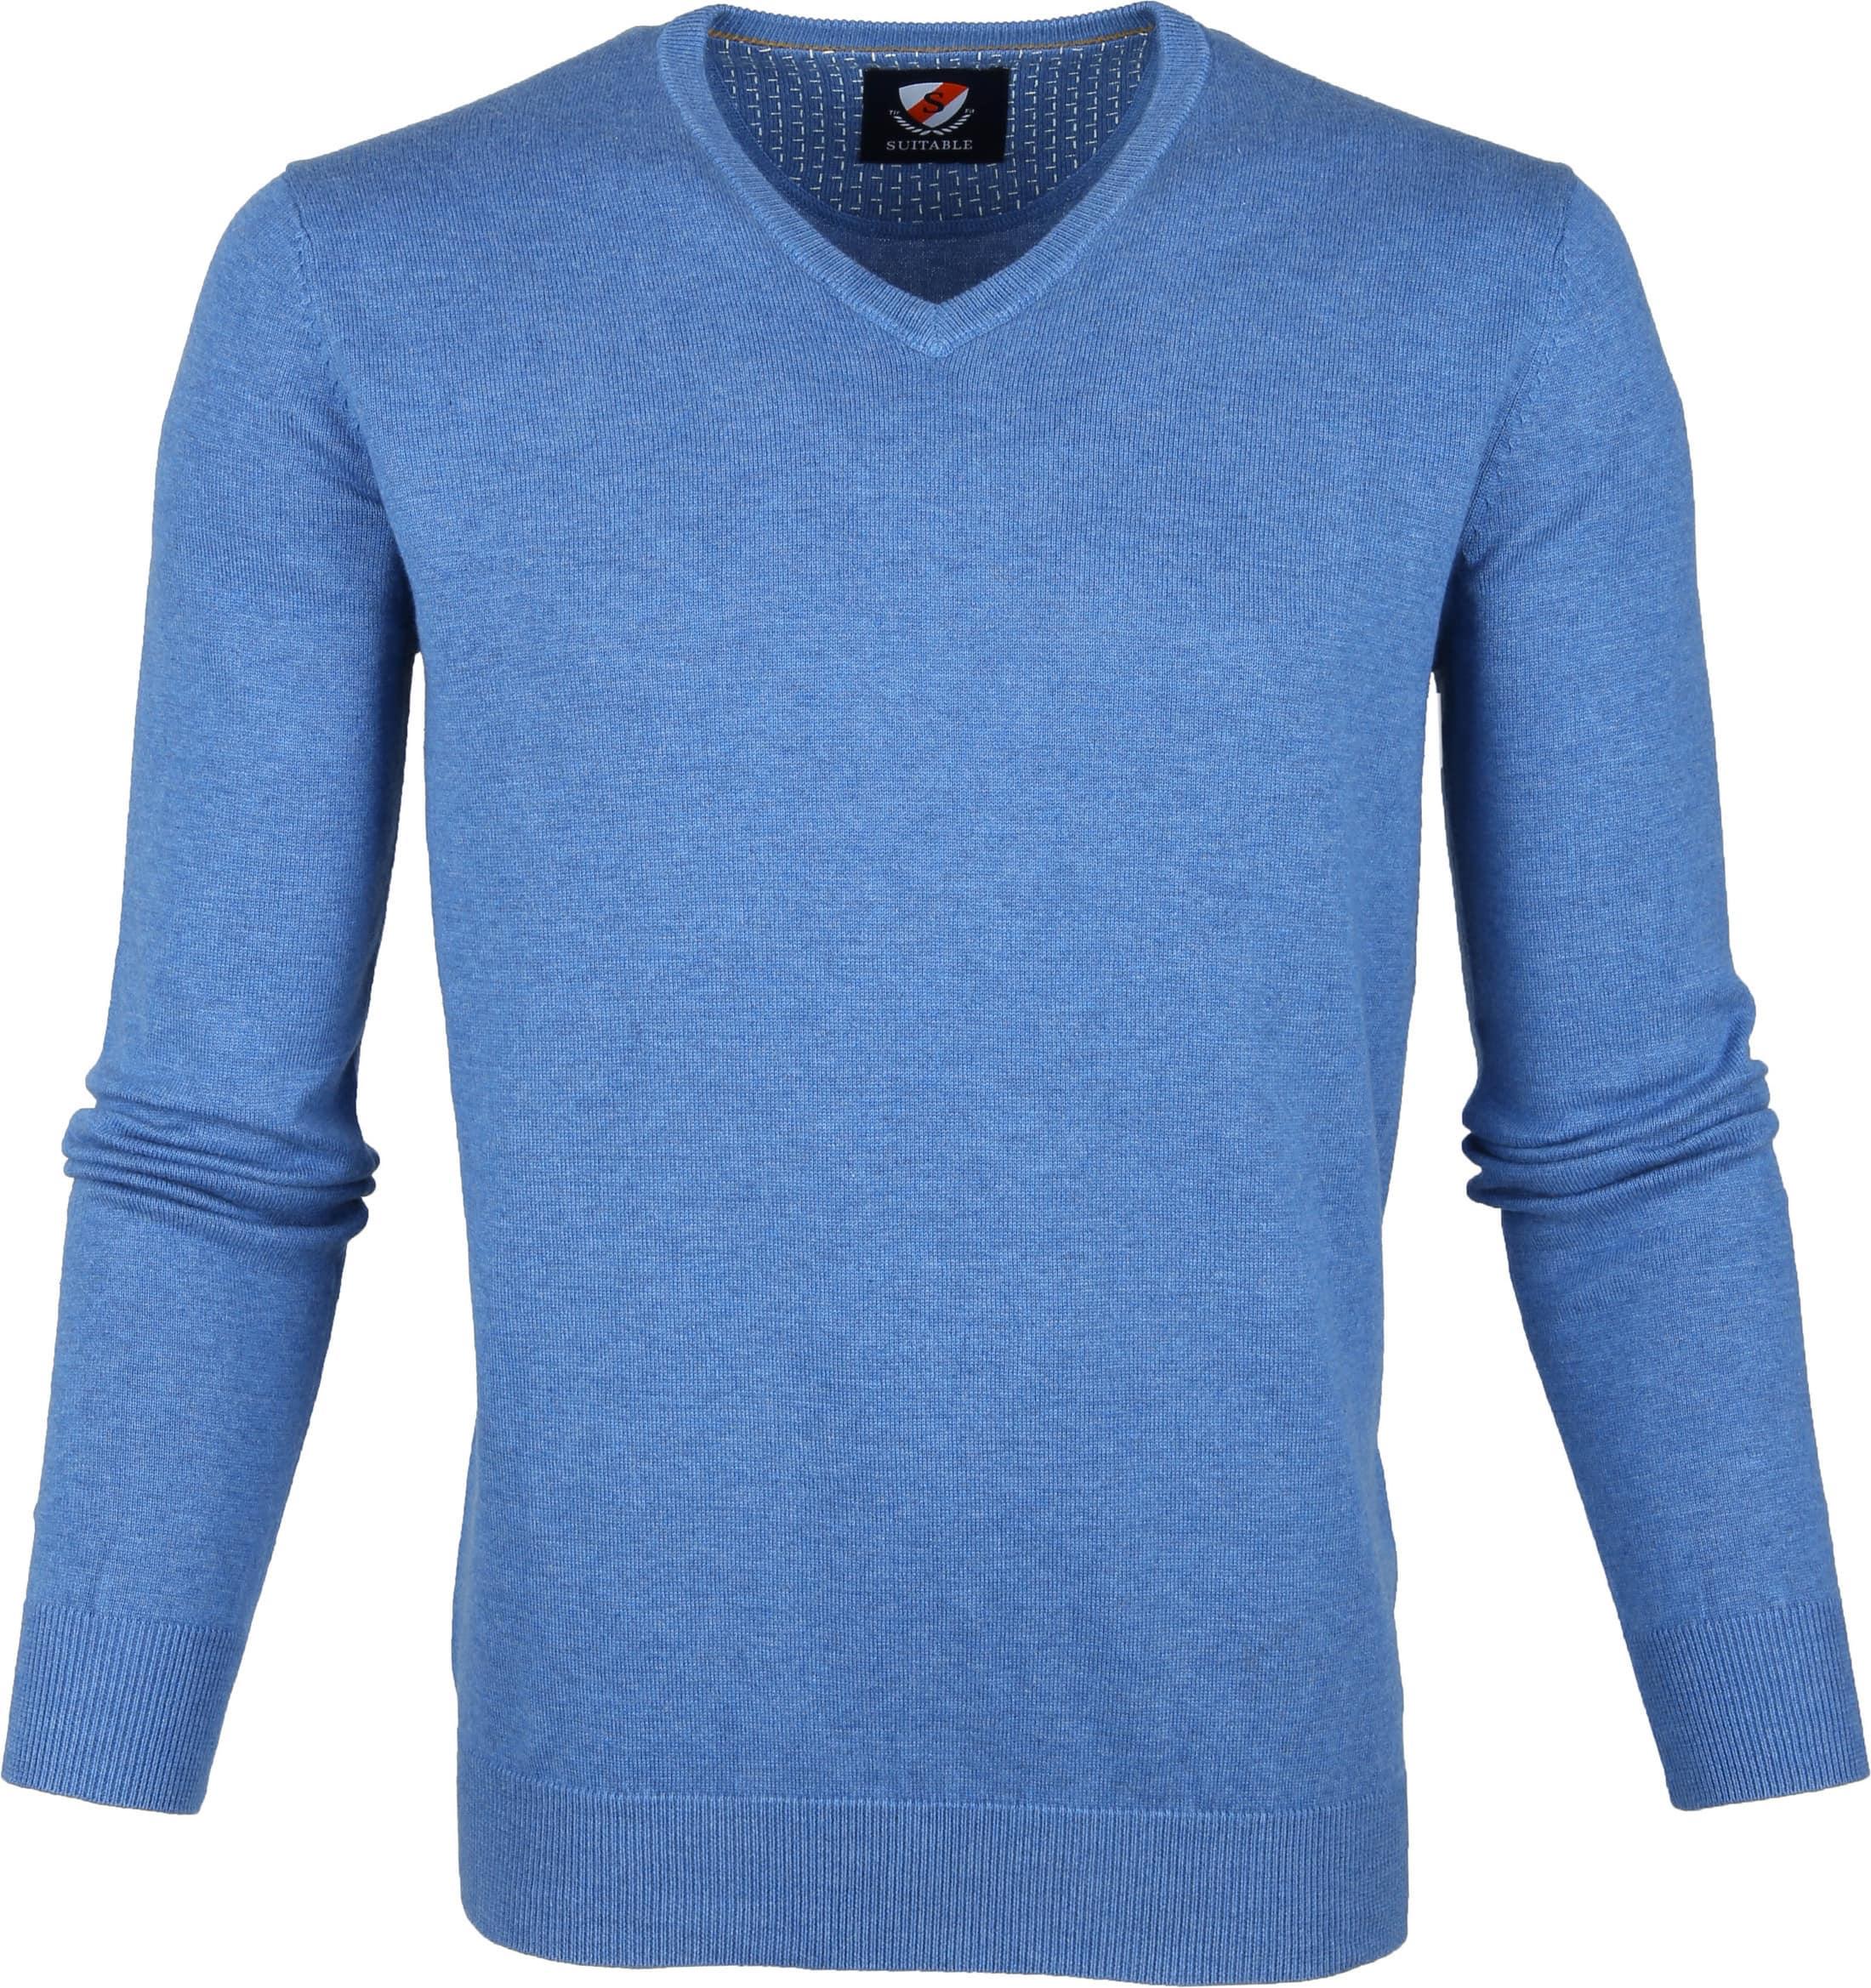 Suitable Vini Pullover Blauw foto 0